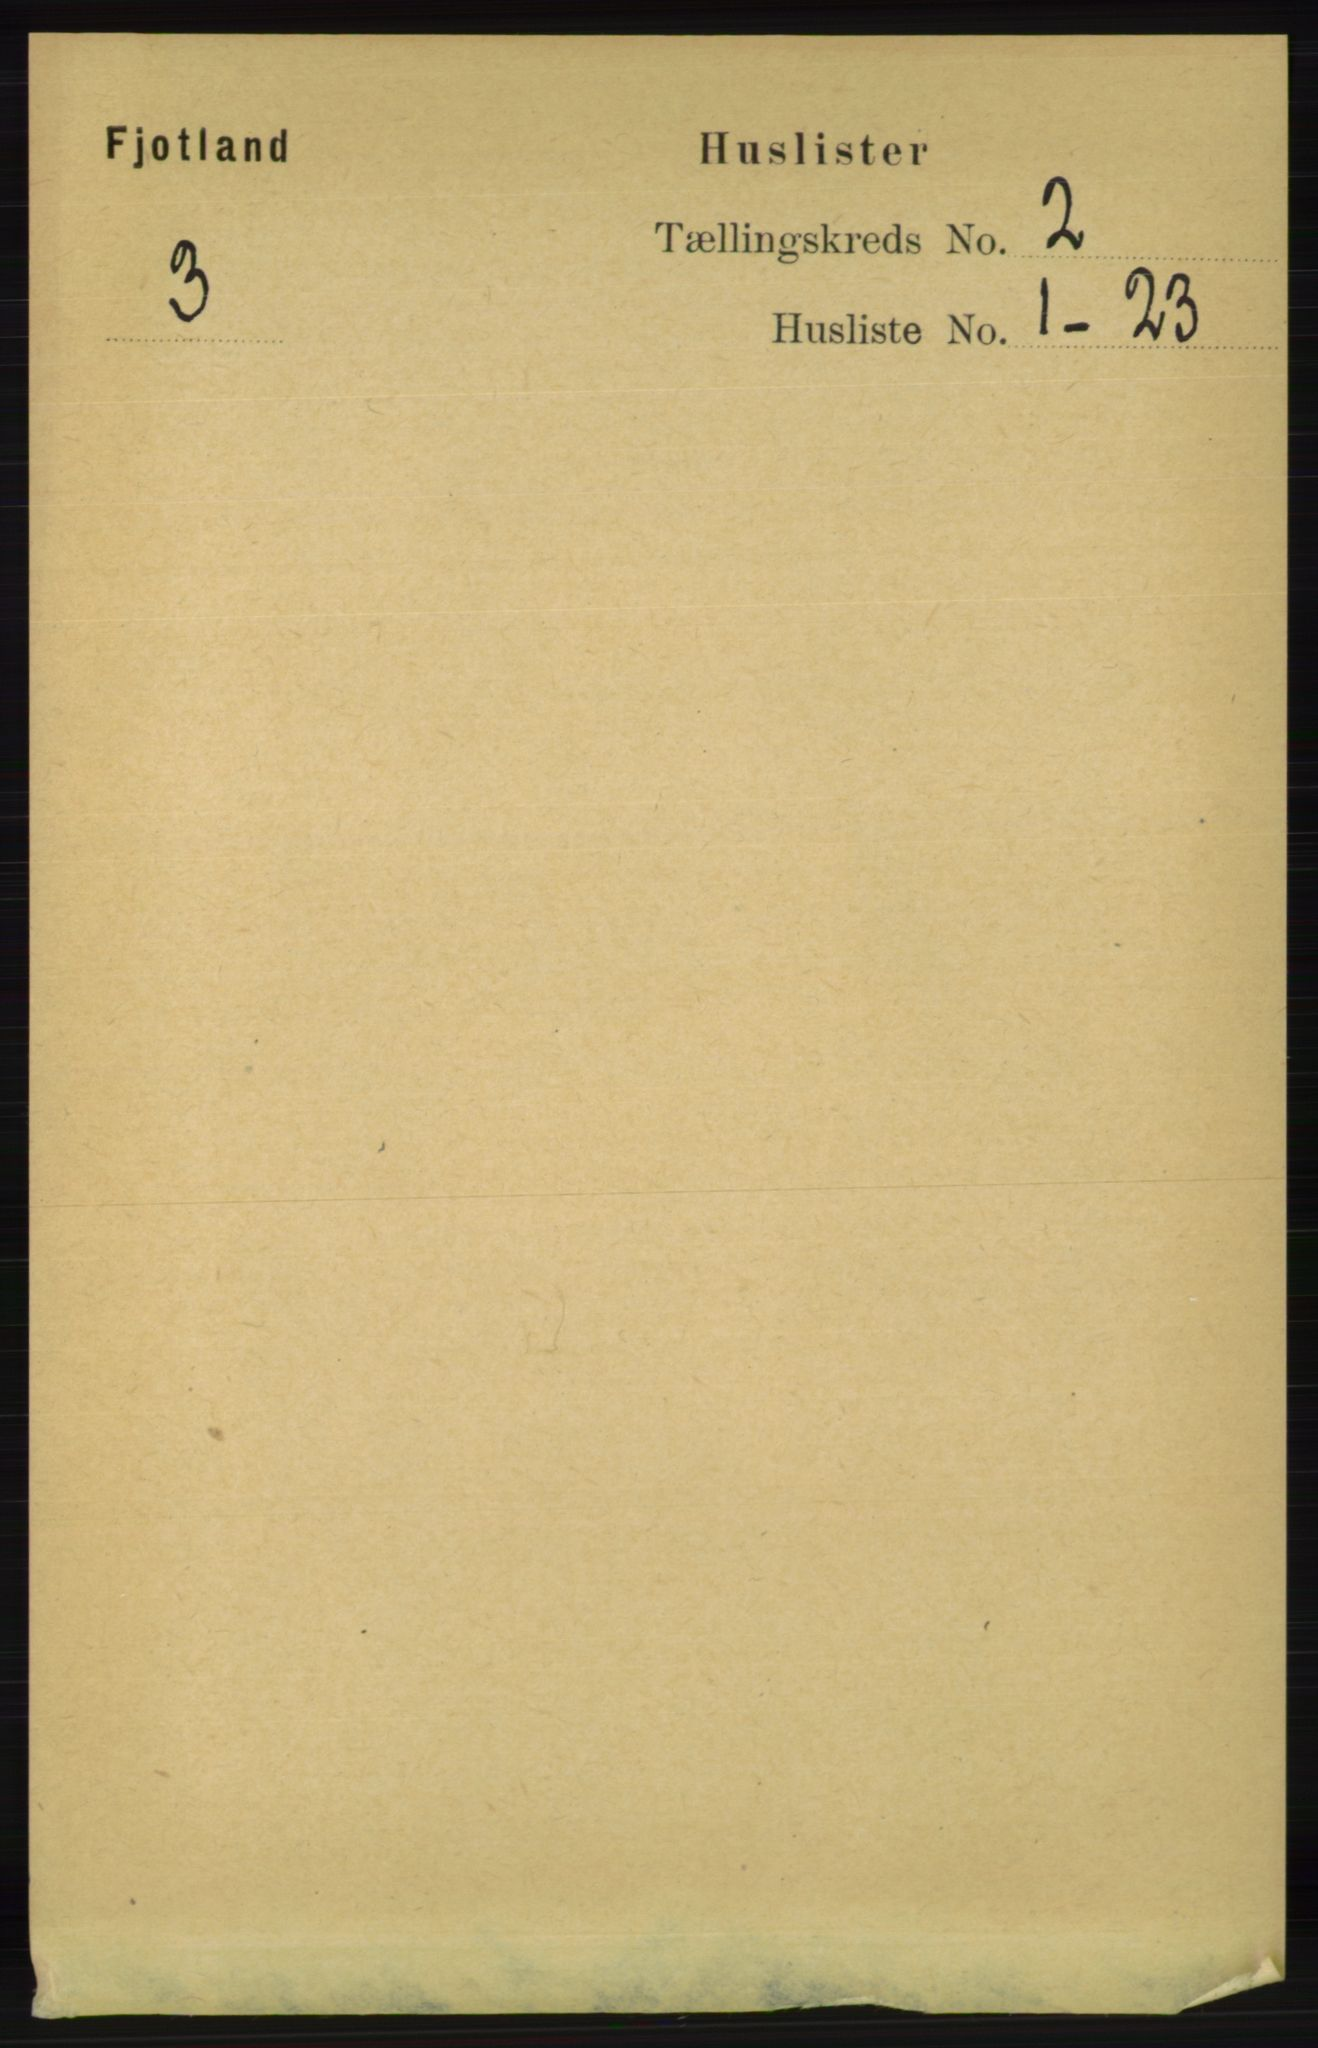 RA, Folketelling 1891 for 1036 Fjotland herred, 1891, s. 210